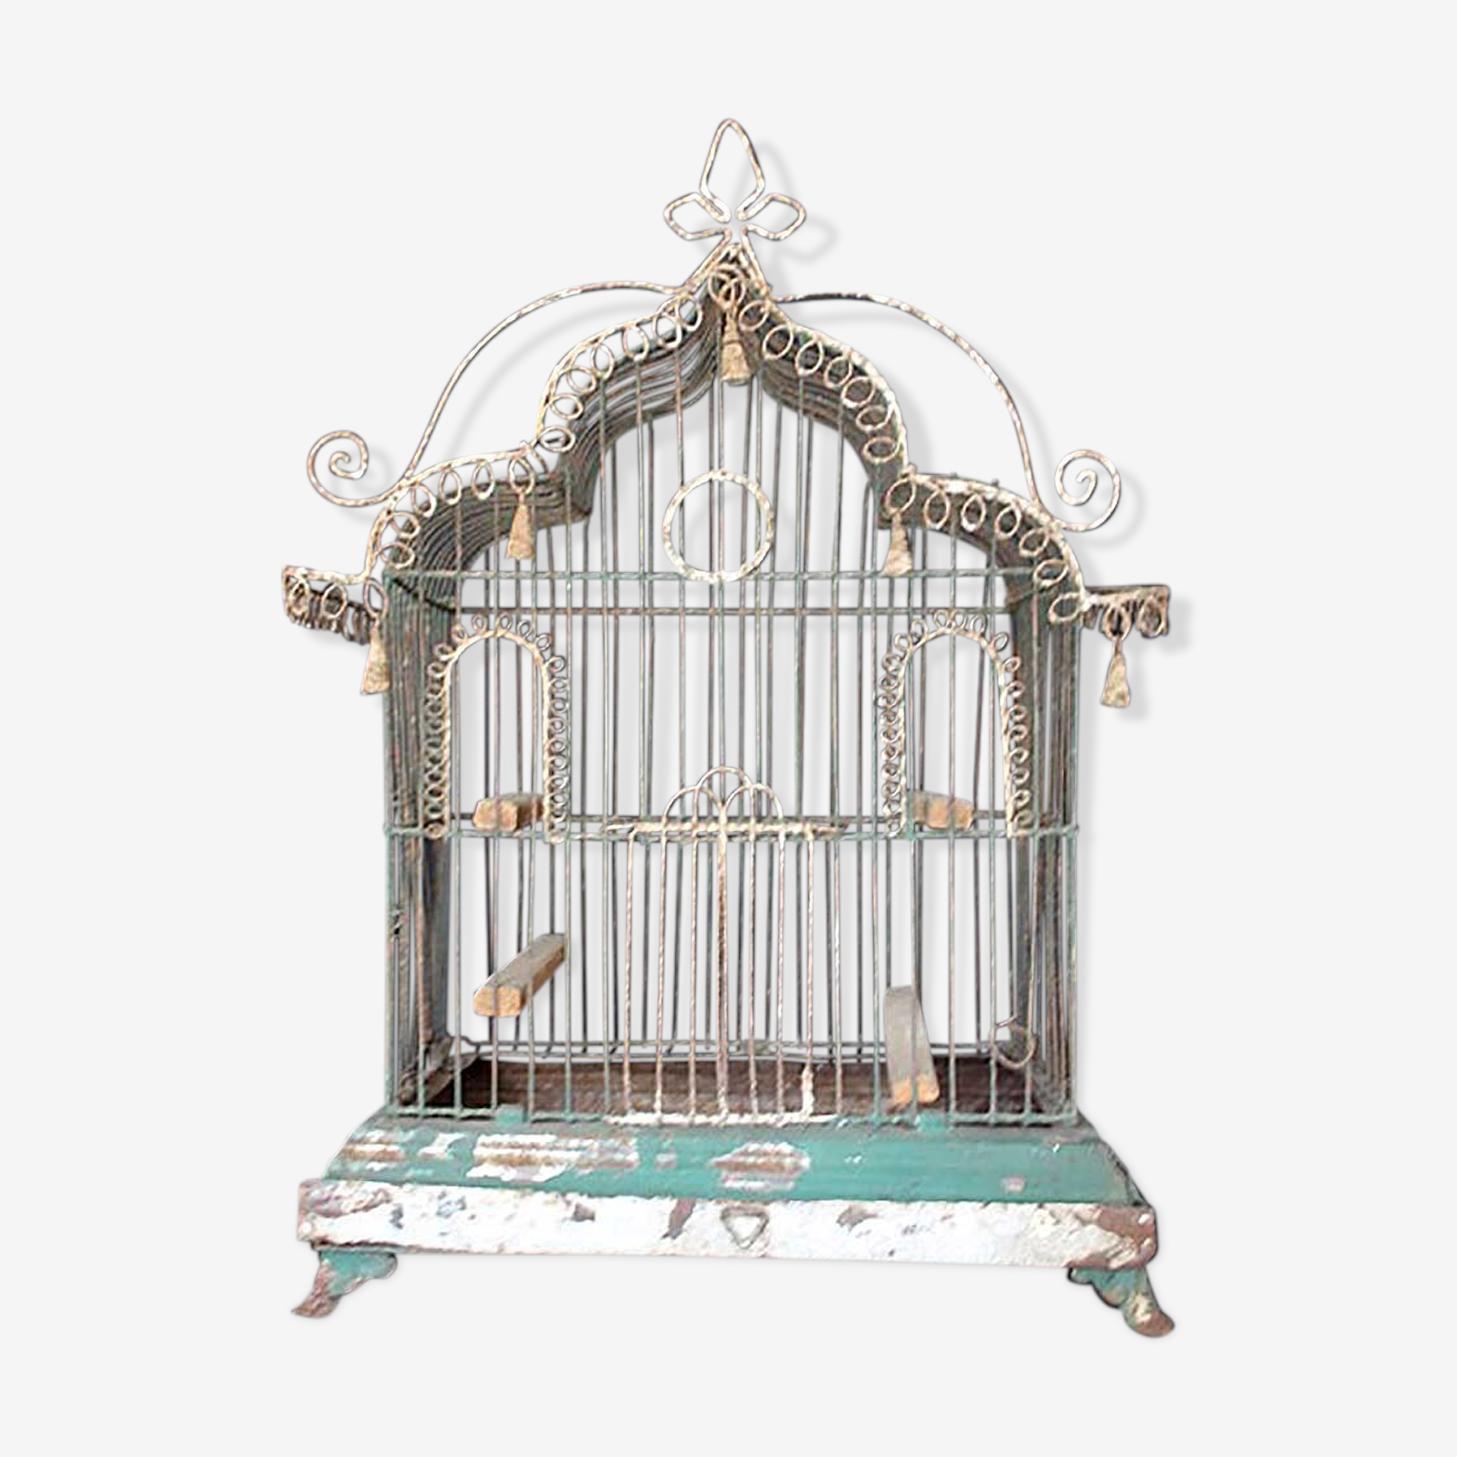 Cage à oiseaux en treillis métallique du XIXe siècle